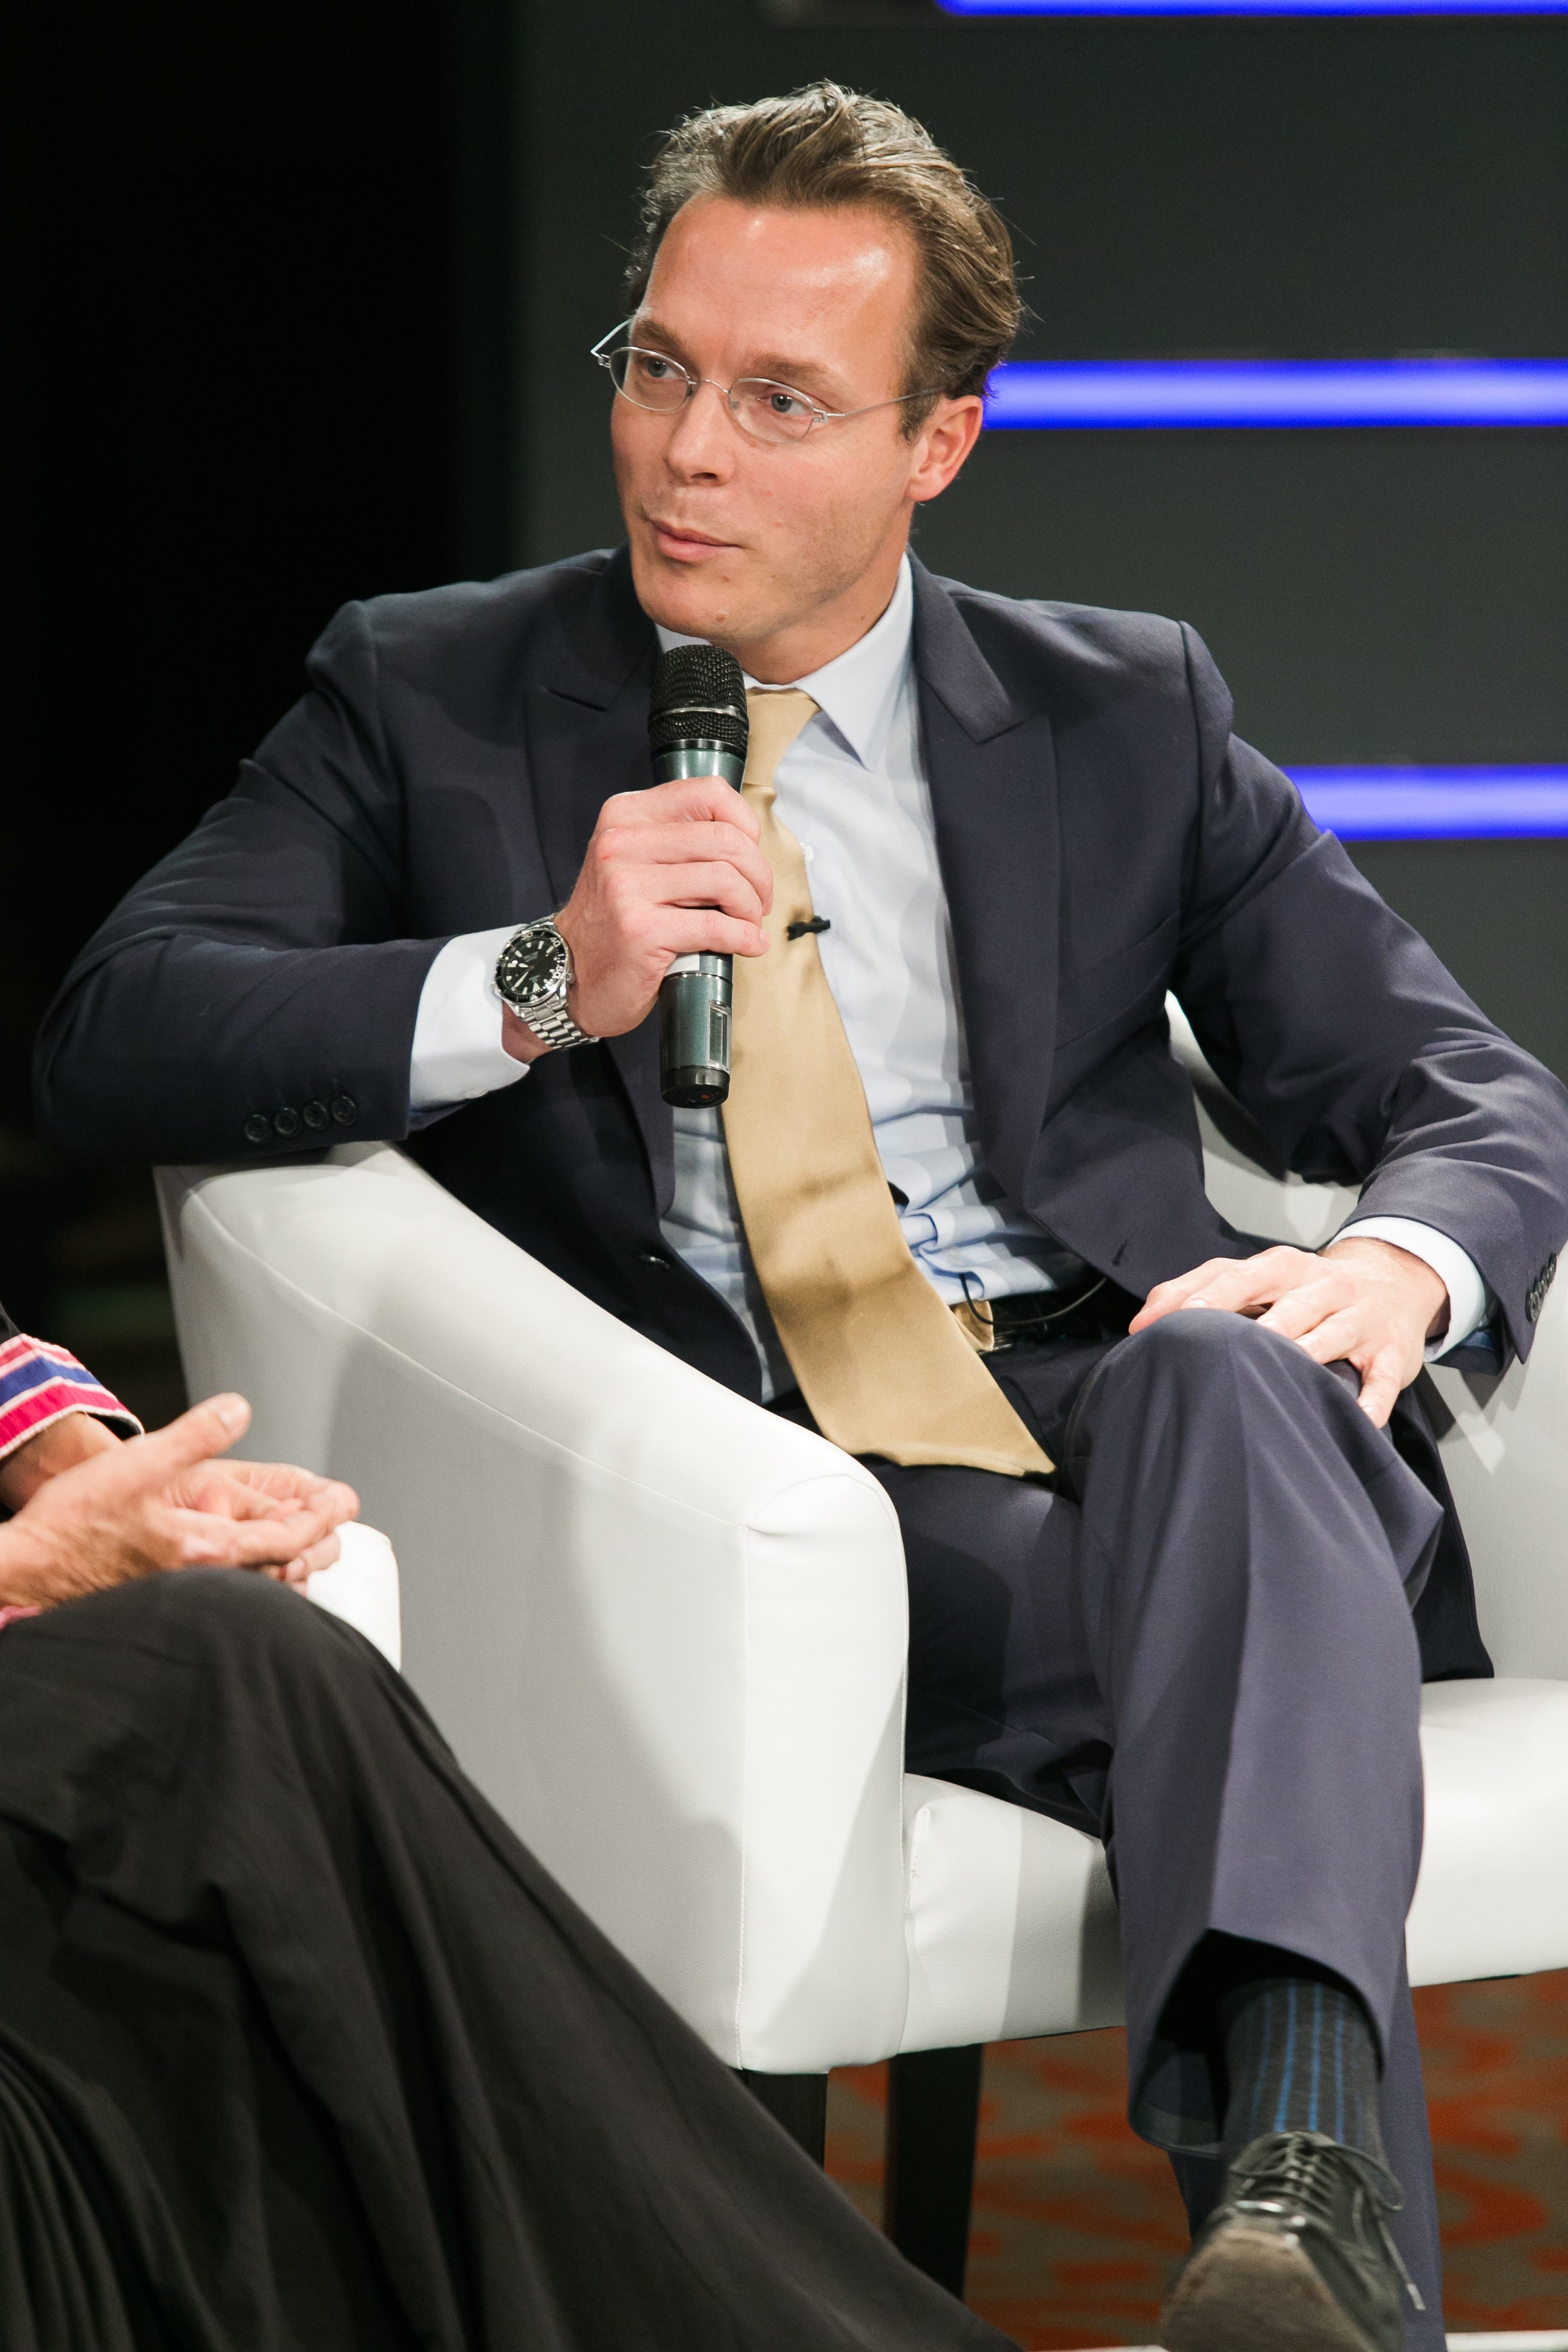 465d44a25 Fichier Prince Jaime de Bourbon Parme - World Economic Forum on India  2012.jpg